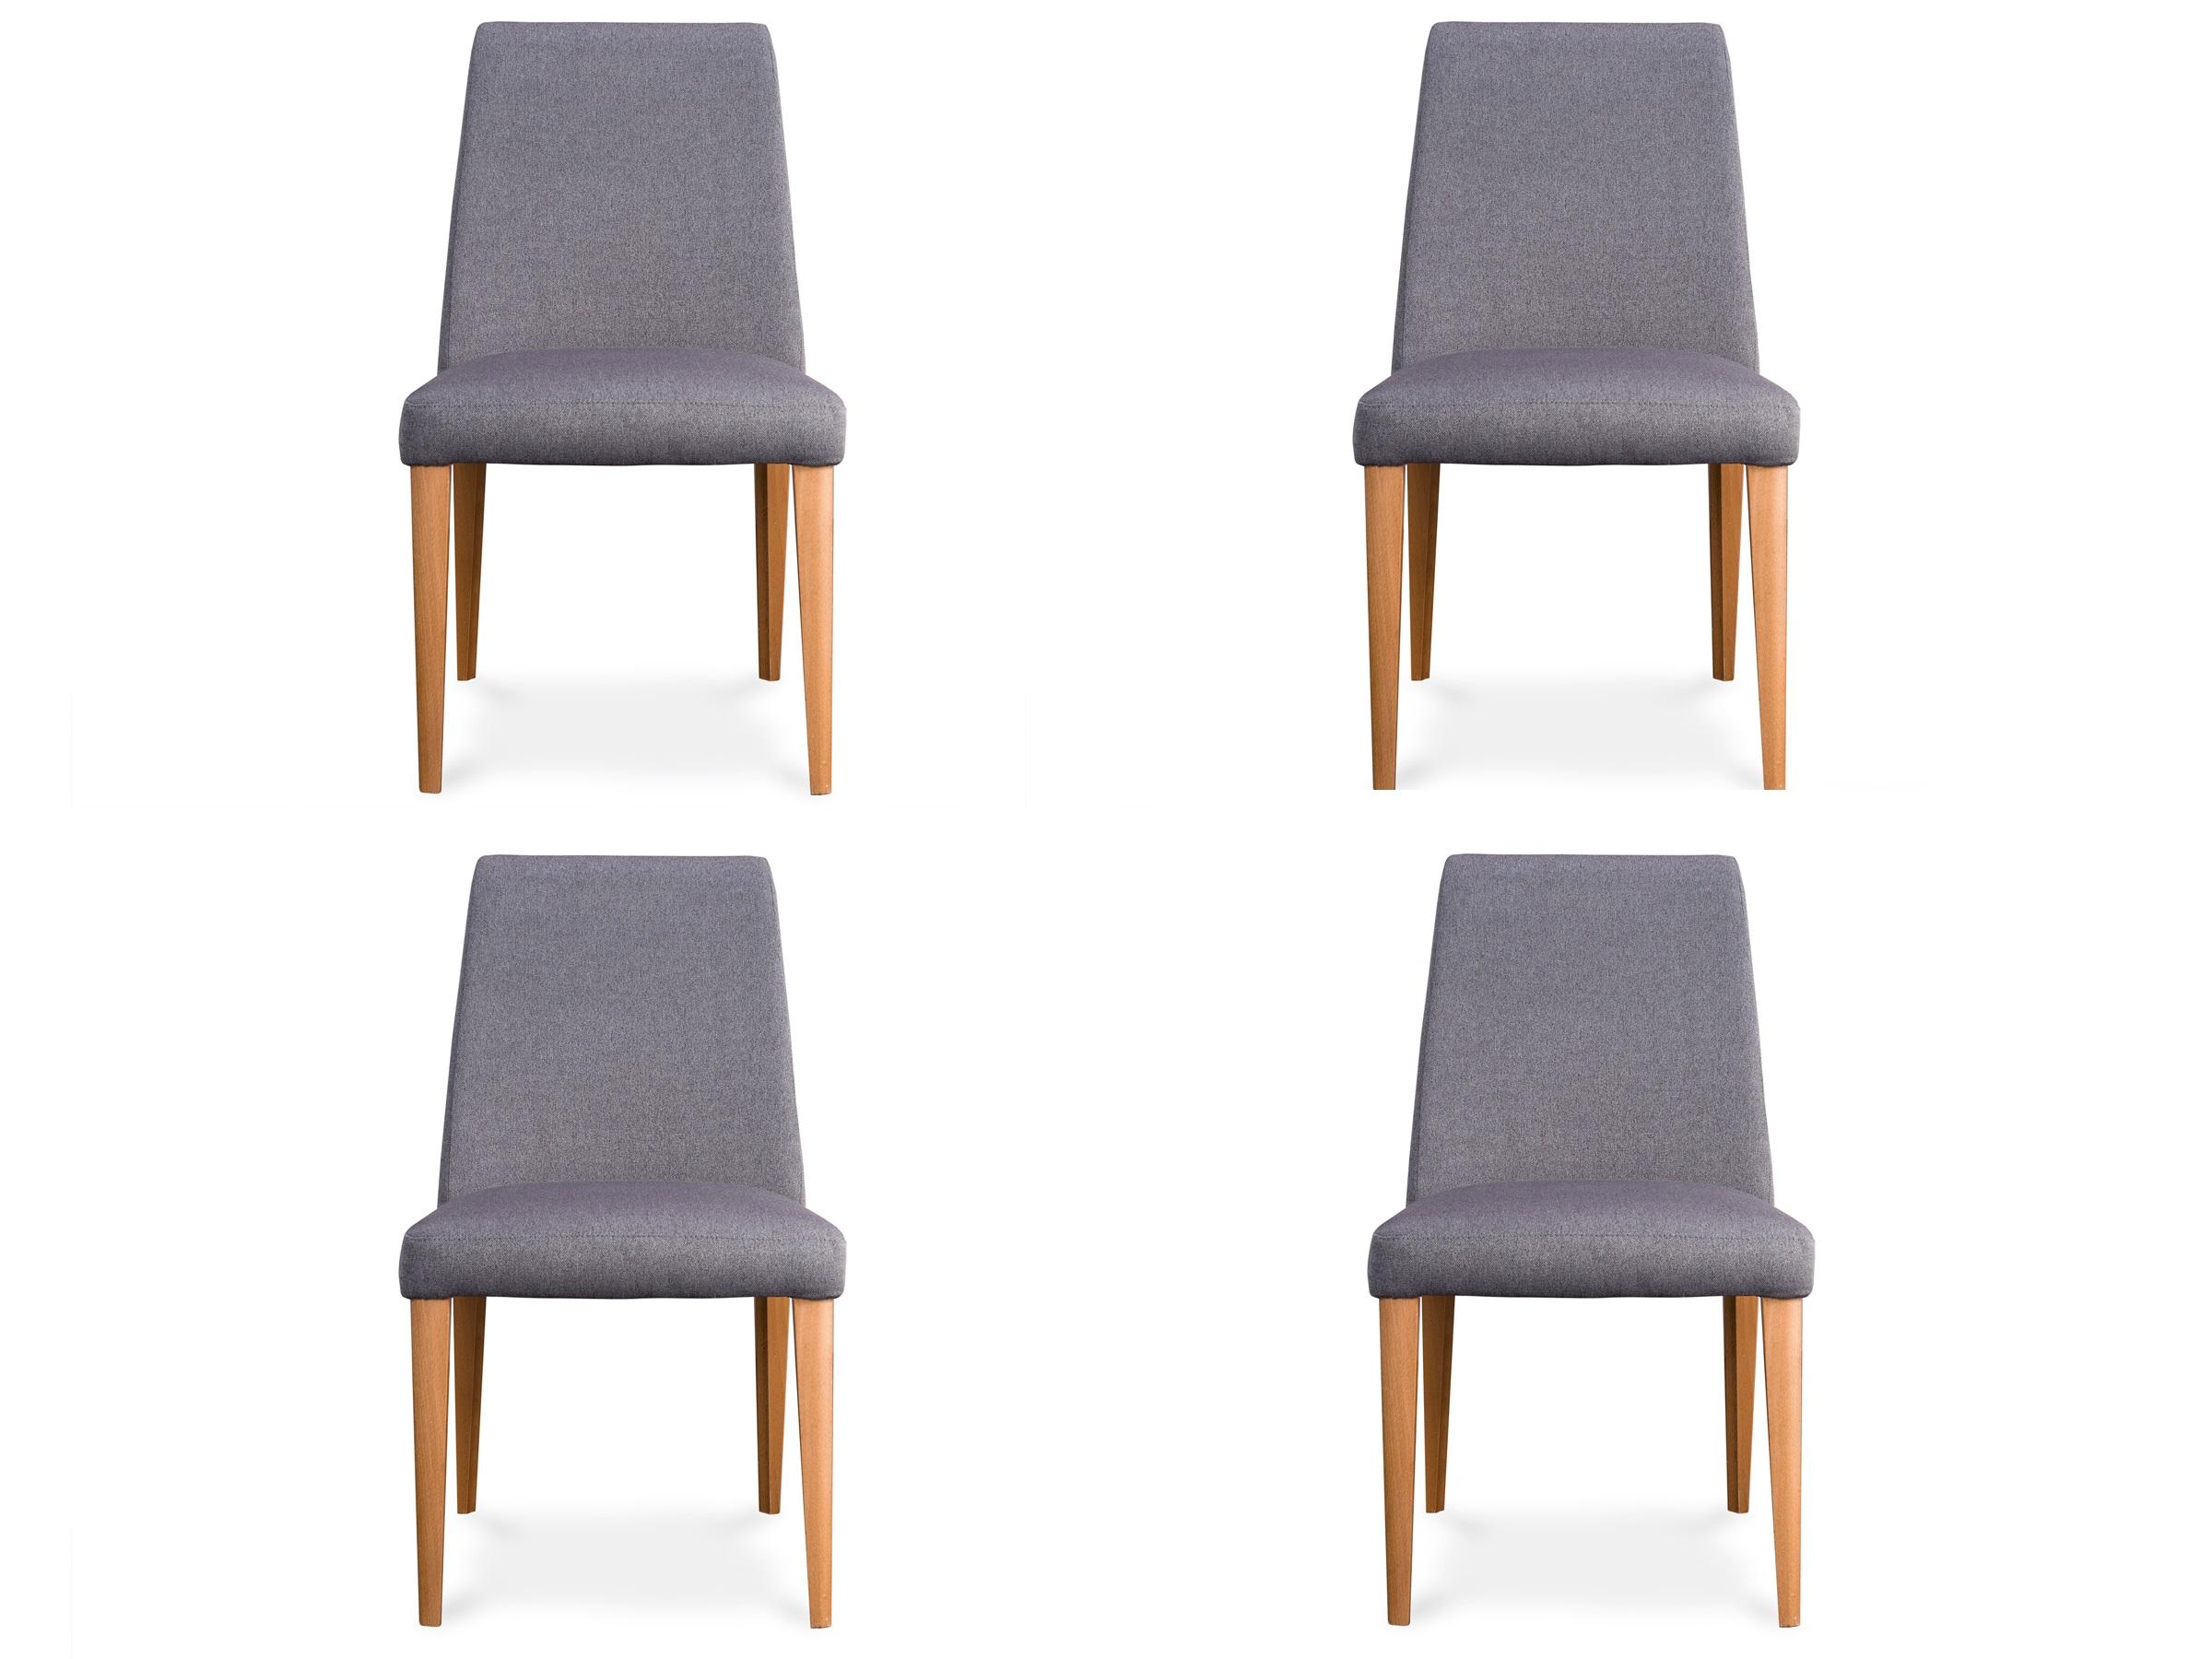 Комплект из 4 стульев GettyКомплекты<br>&amp;lt;div&amp;gt;Мы любим стул &amp;quot;Getty&amp;quot; не только за его форму и красоту, но и за его универсальность. Вы можете себе представить обеденный стол к которому этот стул не подойдет?&amp;amp;nbsp;&amp;lt;/div&amp;gt;&amp;lt;div&amp;gt;И мы не можем.&amp;lt;/div&amp;gt;&amp;lt;div&amp;gt;&amp;lt;br&amp;gt;&amp;lt;/div&amp;gt;Высота сидения: 45 см.<br><br>Material: Текстиль<br>Ширина см: 48<br>Высота см: 82<br>Глубина см: 56